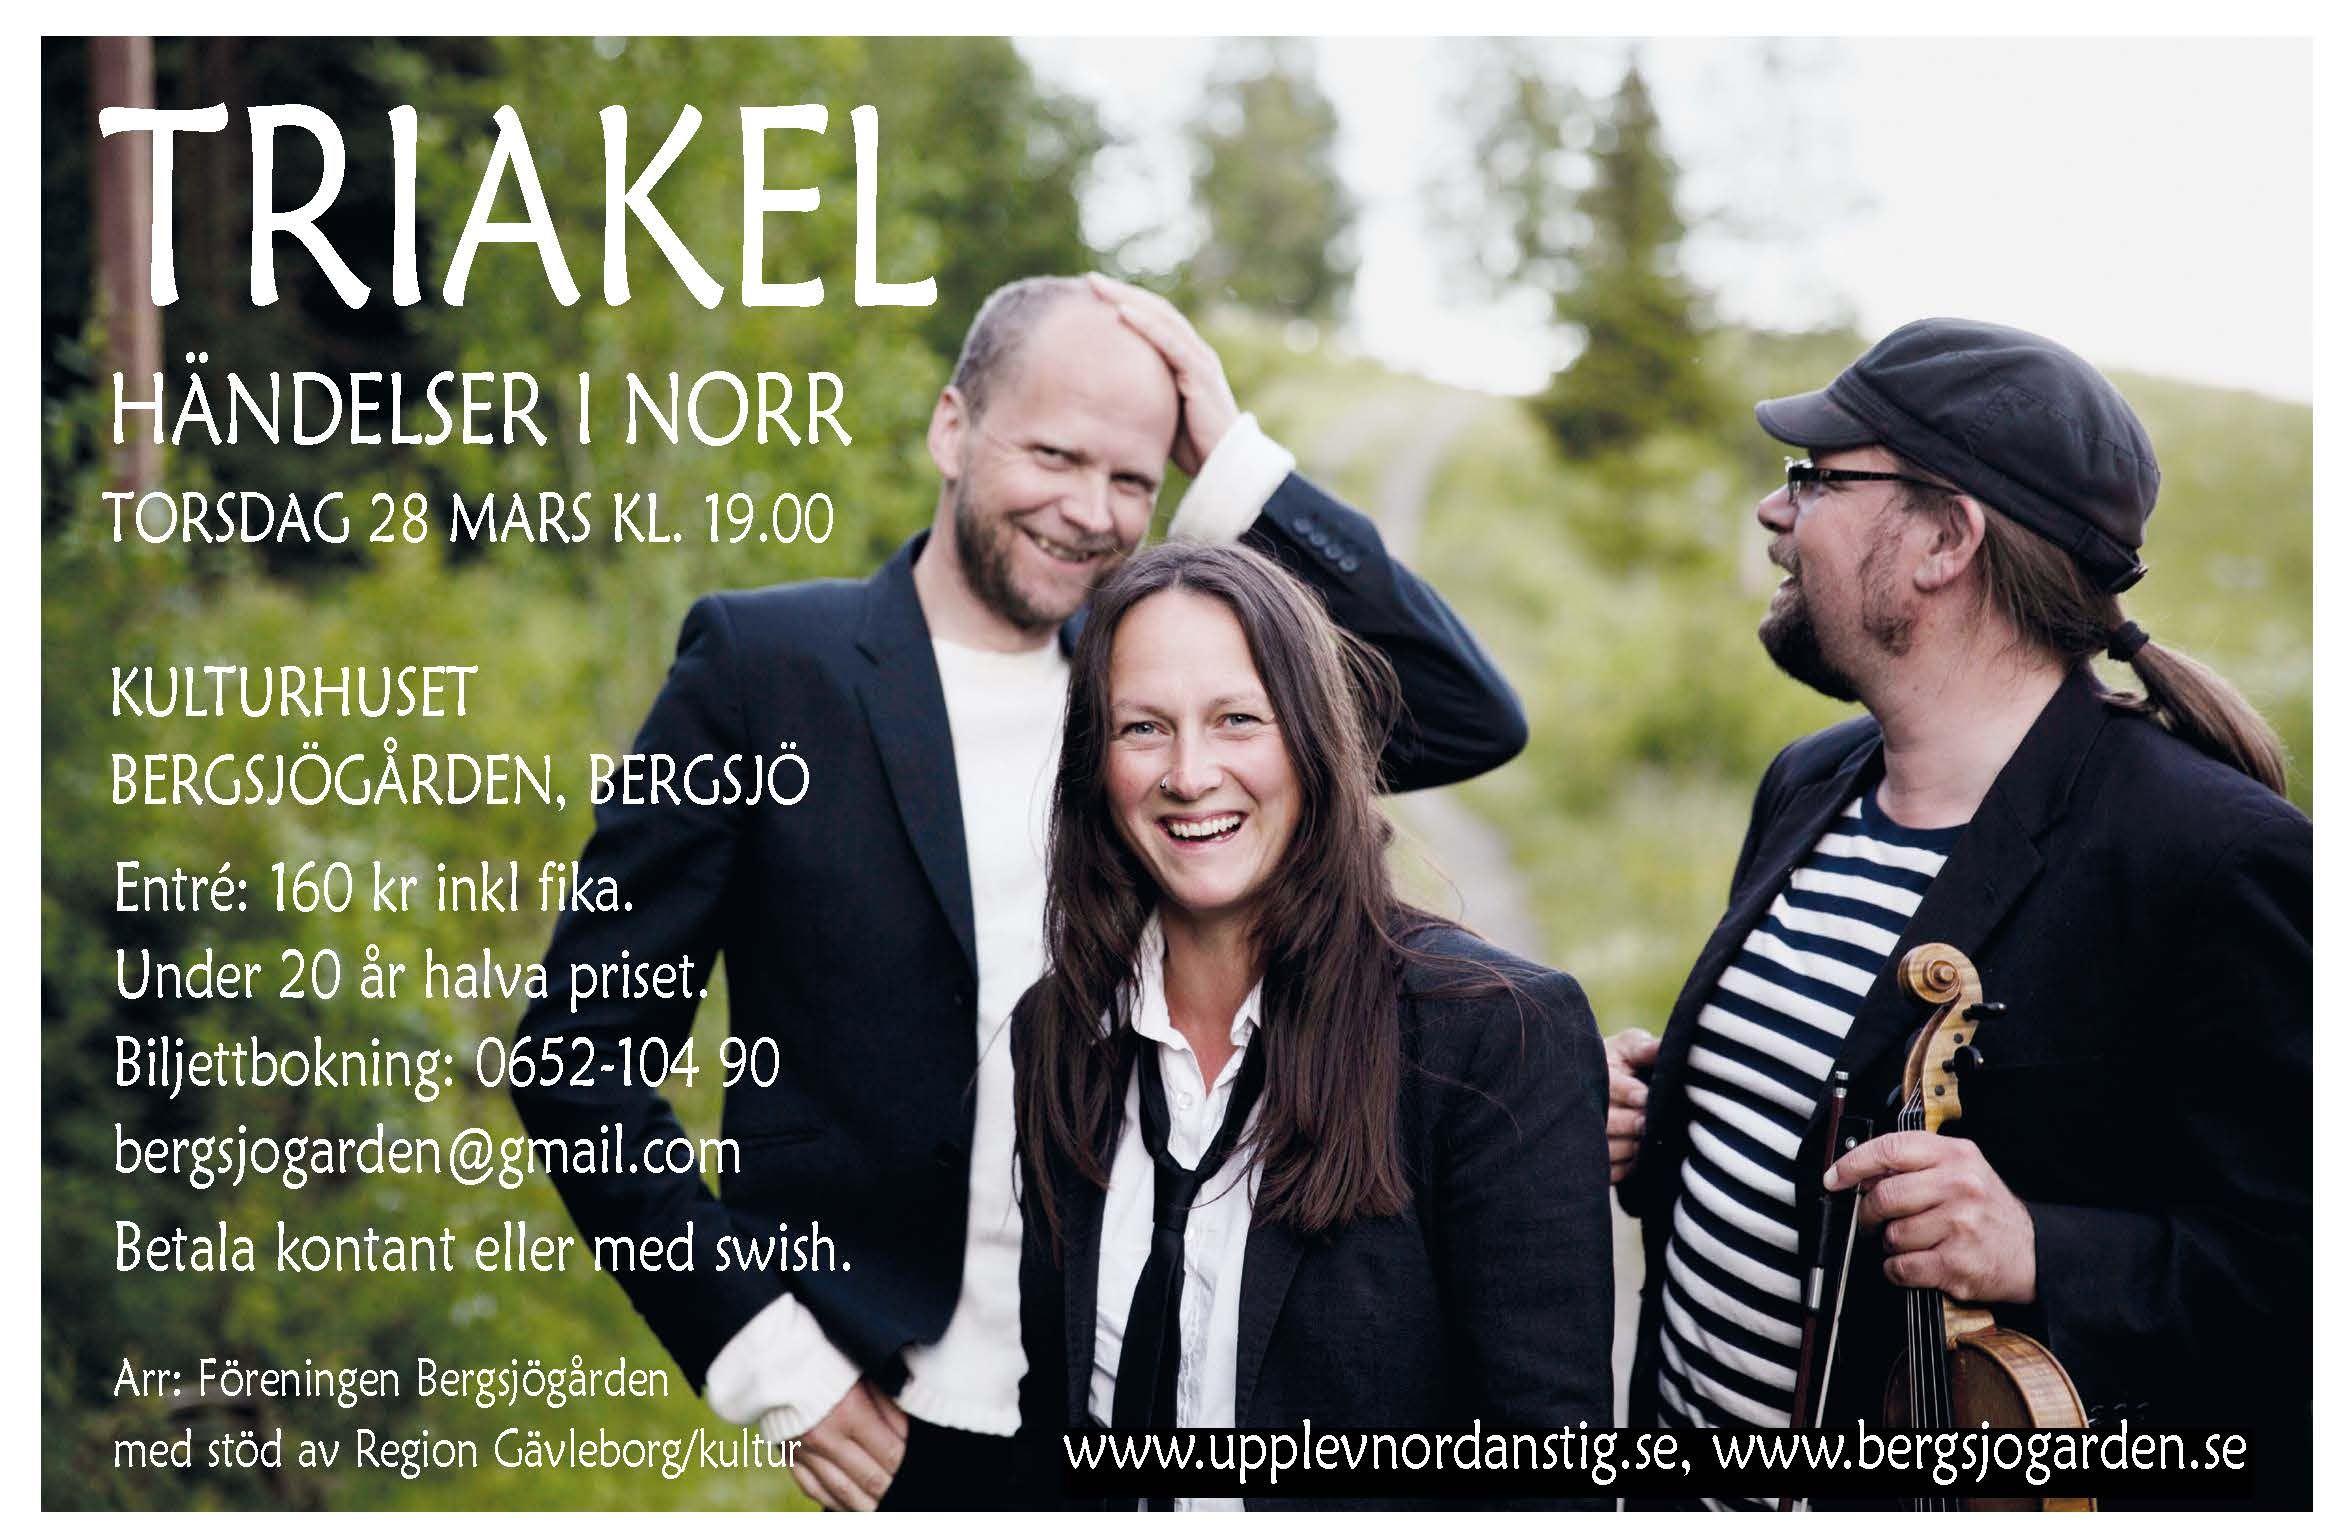 Musik - Triakel, händelser i norr